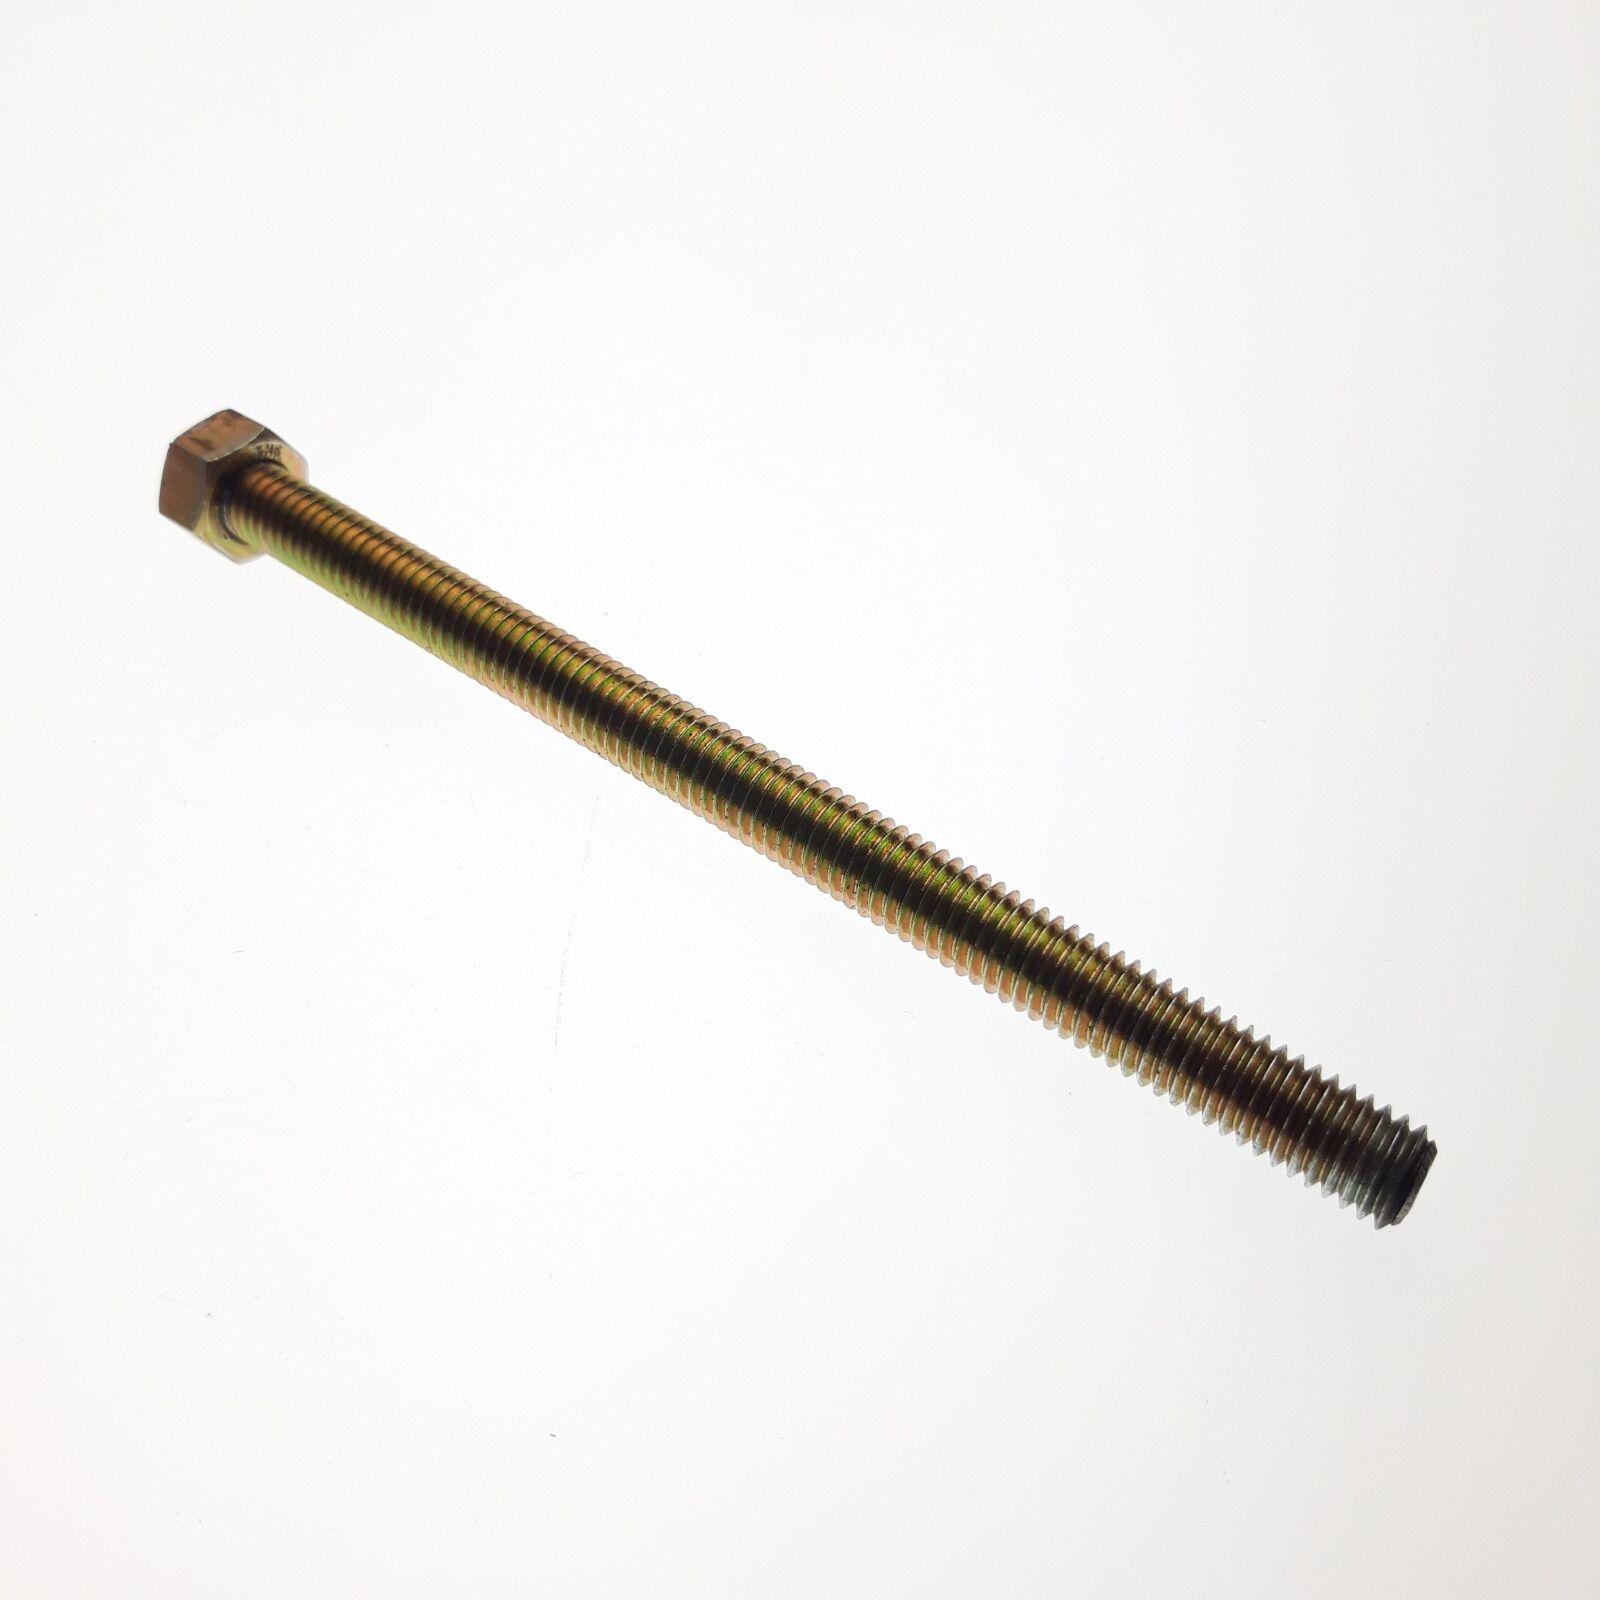 TENSIONER ROD (XGEN-A533)